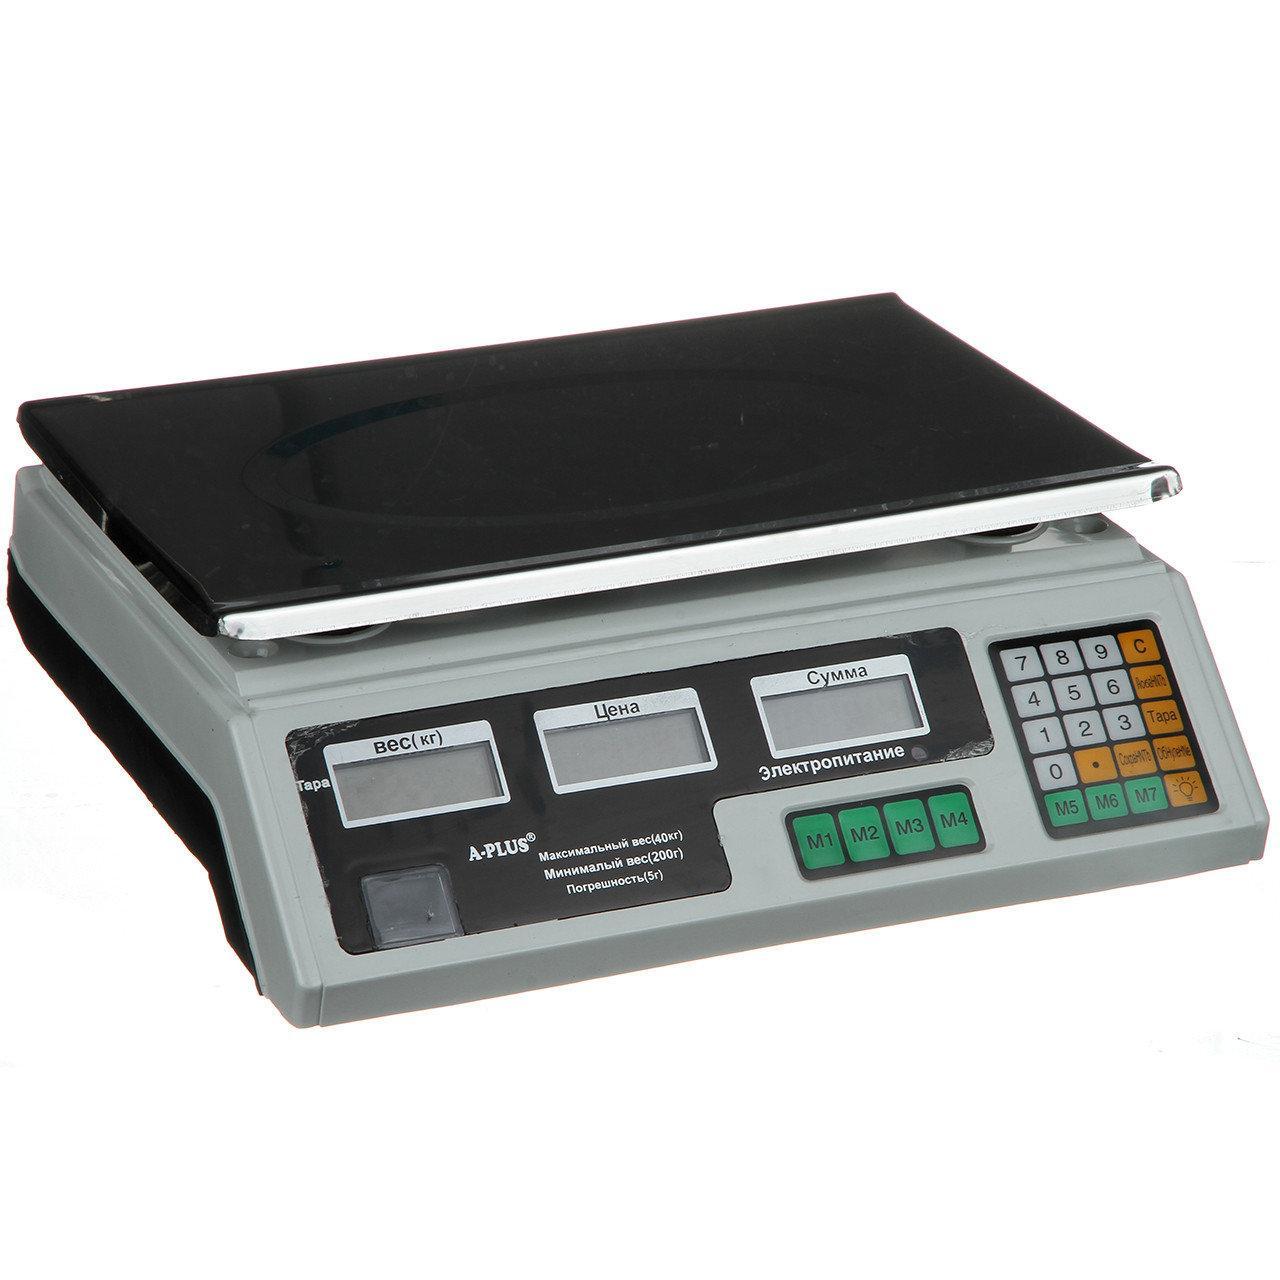 Весы торговые электронные А плюс 1655 аккумуляторные на 50 кг